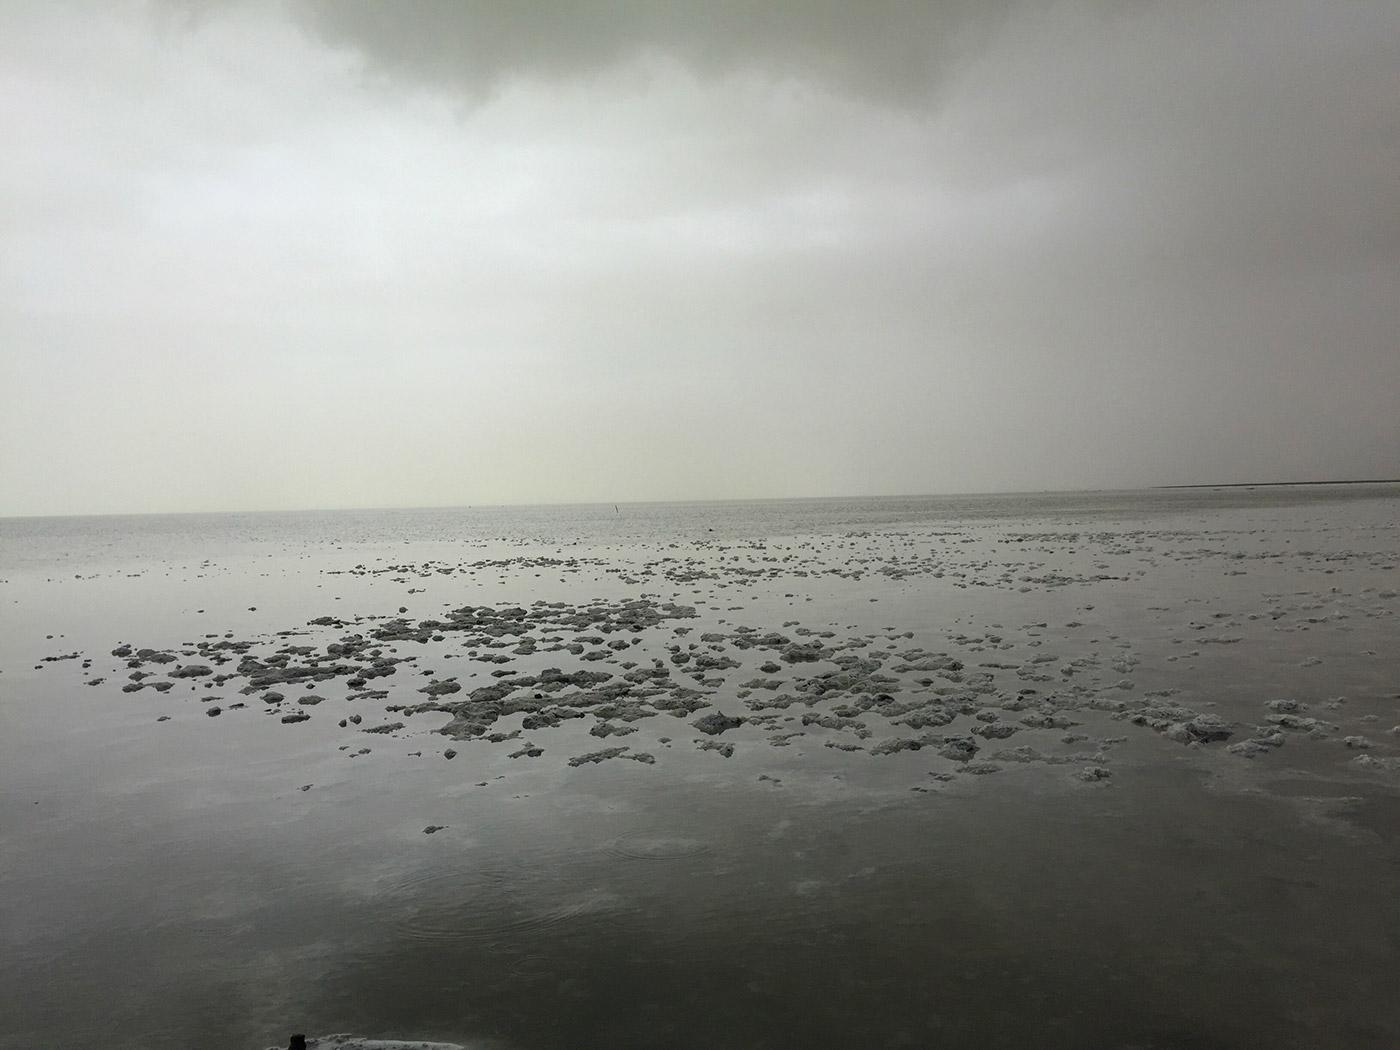 茶卡盐湖湖面近观